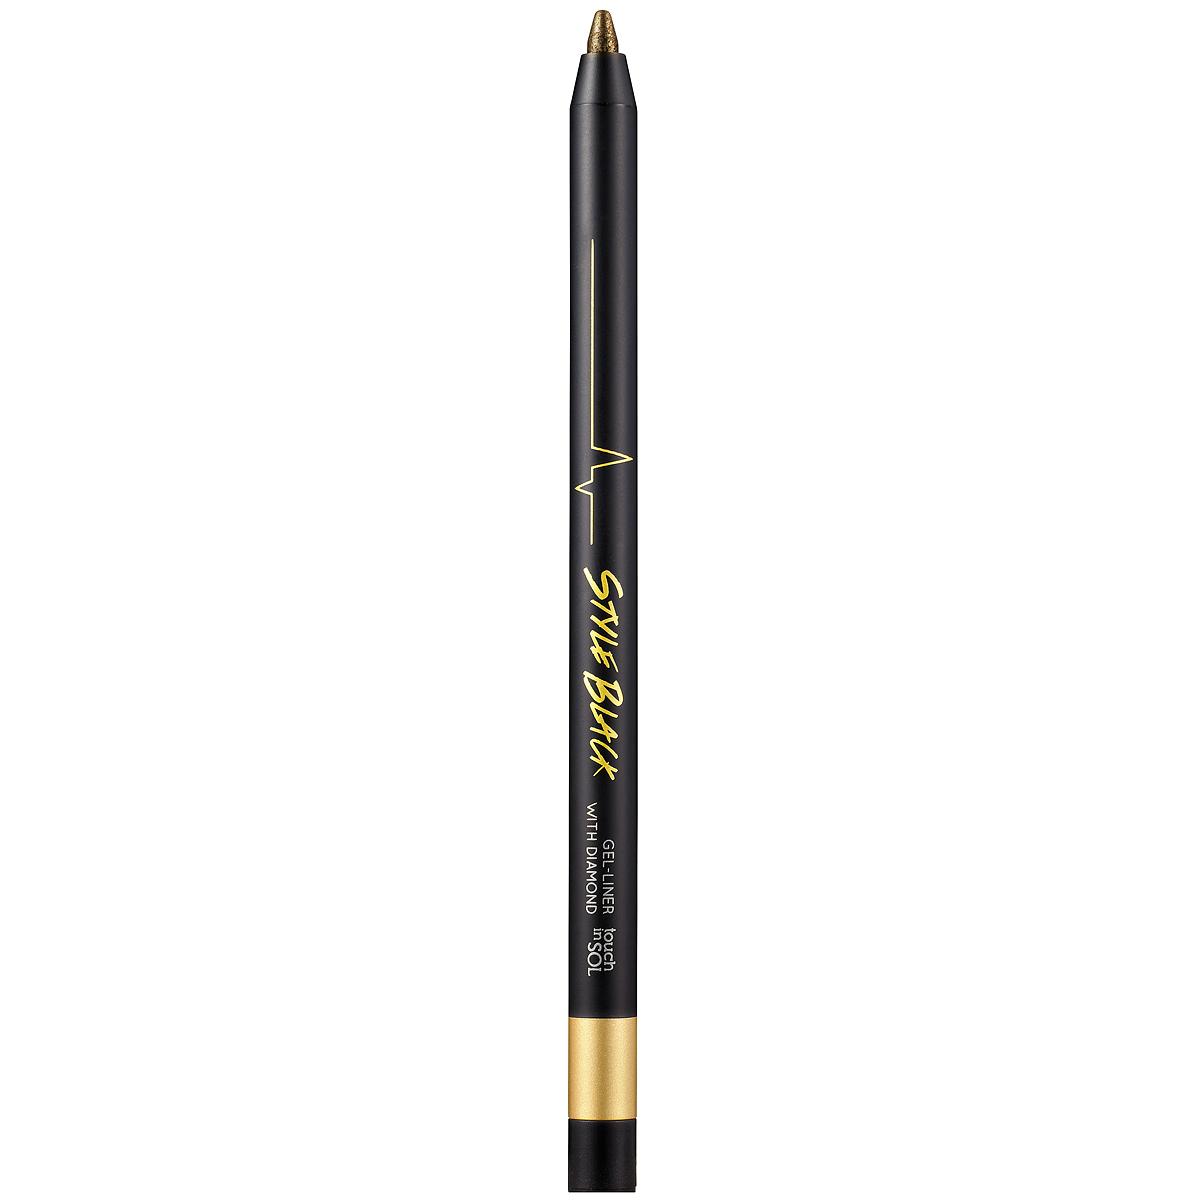 Touch in Sol Гелевый карандаш для глаз Style Black, оттенок №3 Gold, 0,5 г28032022Ультрастойкий гелевый карандаш сохраняет макияж безупречным в течение всего дня. Молочный протеин и успокаивающий цветочный экстракт заботливо ухаживают за кожей, хорошо подходит для особо чувствительных глазах. Кремовый контурный карандаш поможет вам придать взгляду очаровательную выразительность. Благодаря его текстуре вы сможете контролировать яркость и толщину линии, растушевав карандаш создать загадочный образ Смоки Айз.Товар сертифицирован.